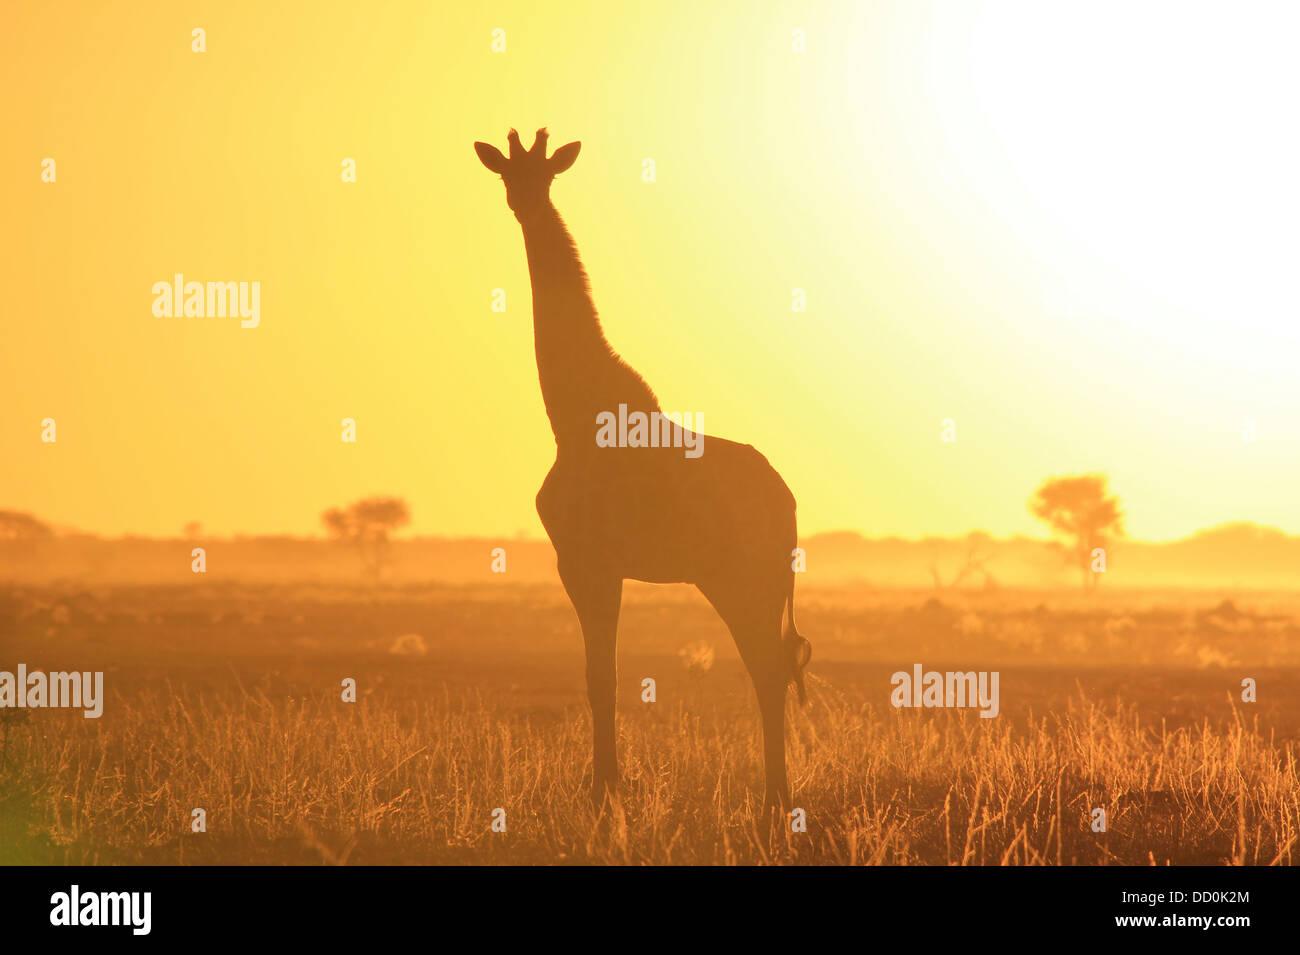 Giraffe atardecer silueta de color de fondo y la belleza del África salvaje Imagen De Stock